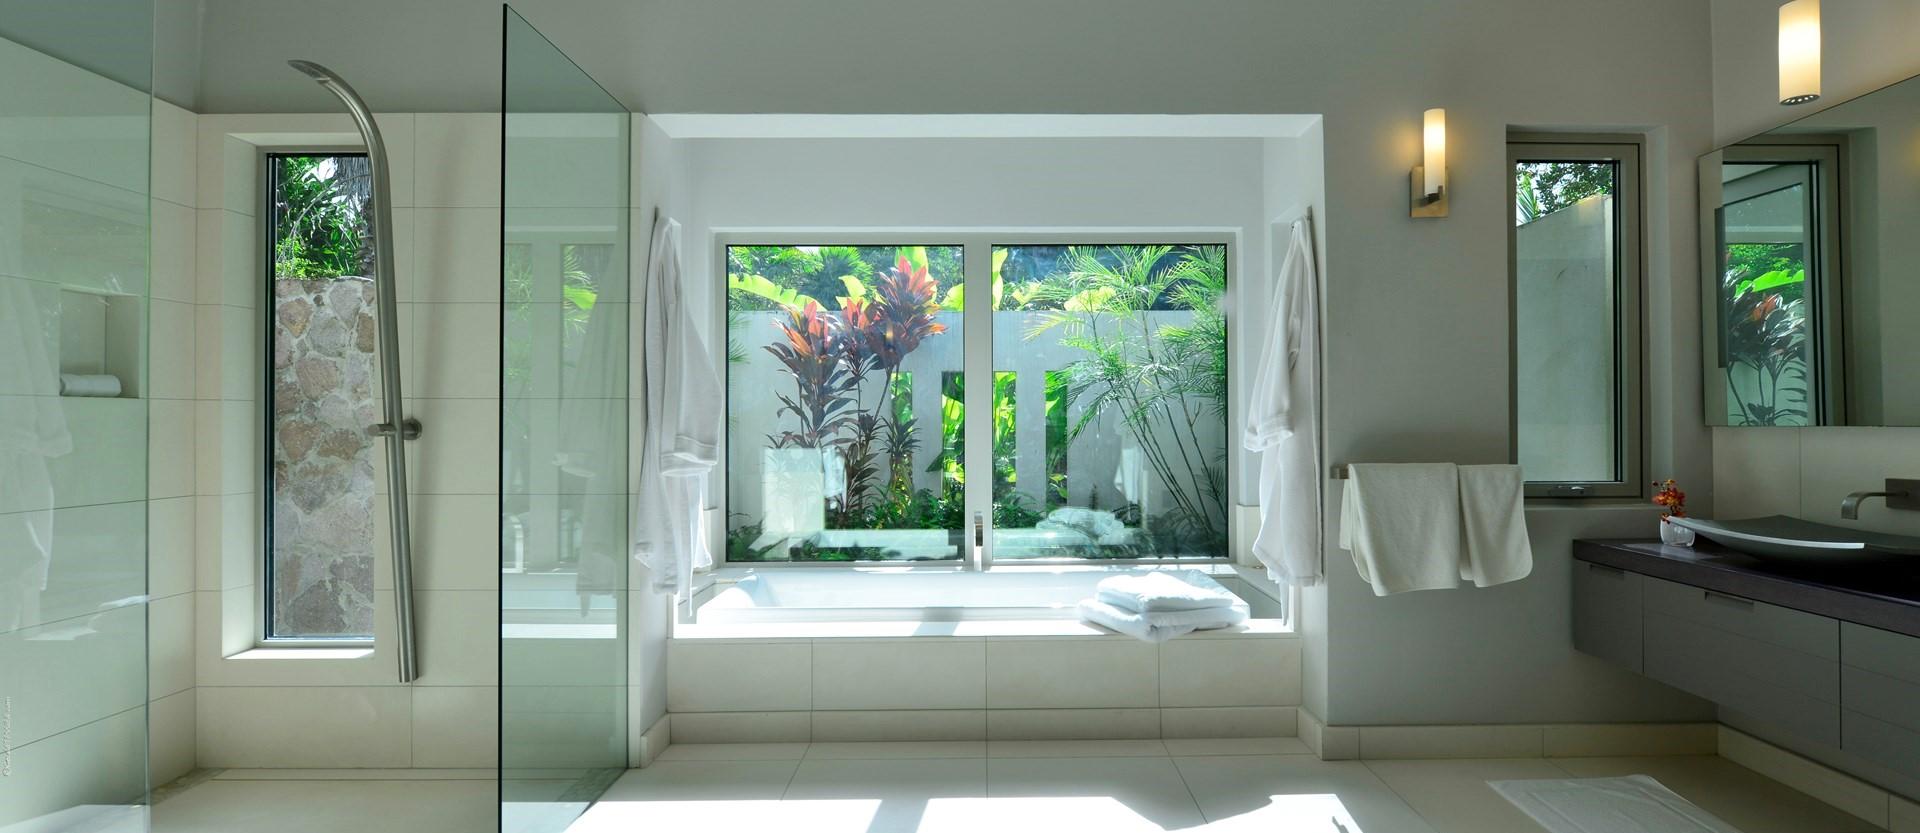 retreat-villa-nevis-bedroom-suite-1